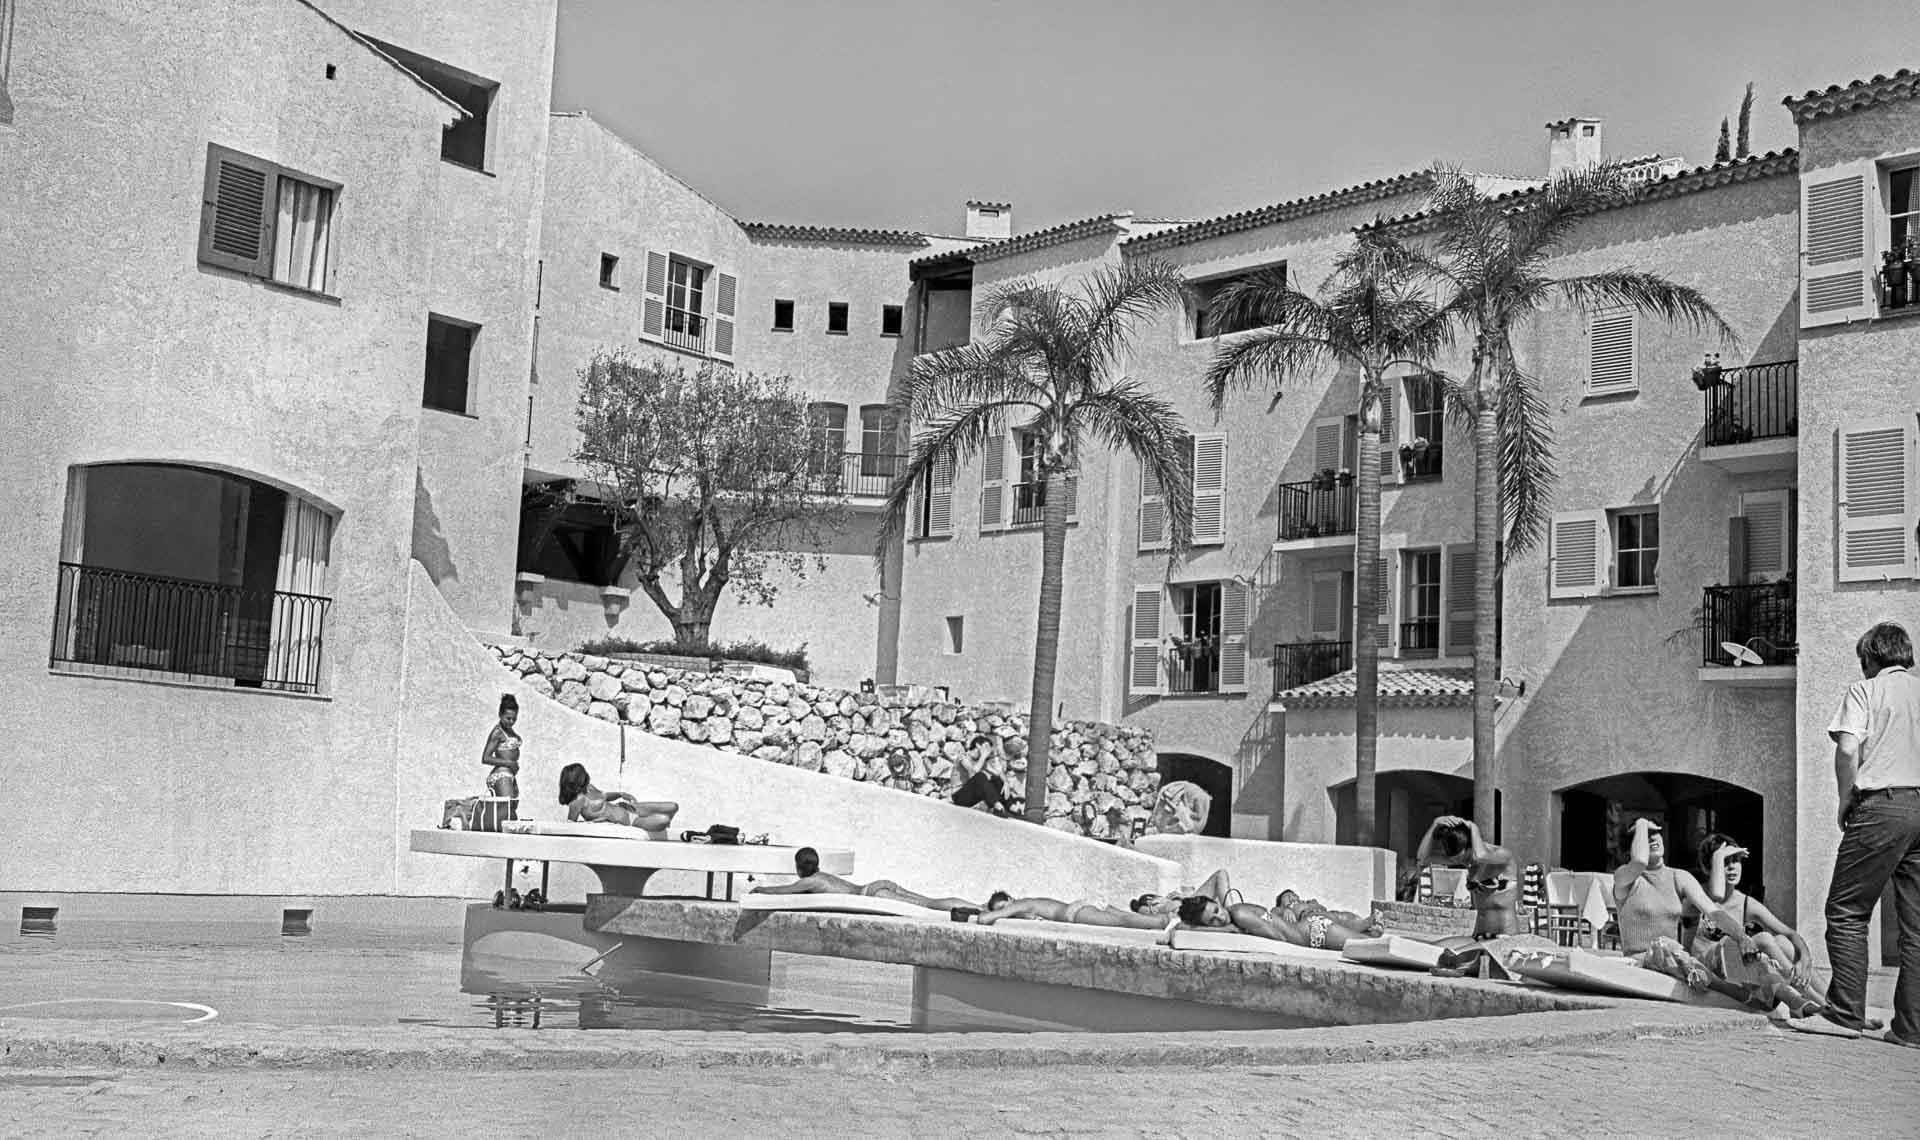 La piscine du Byblos dans les années 1970 © Rue des archives